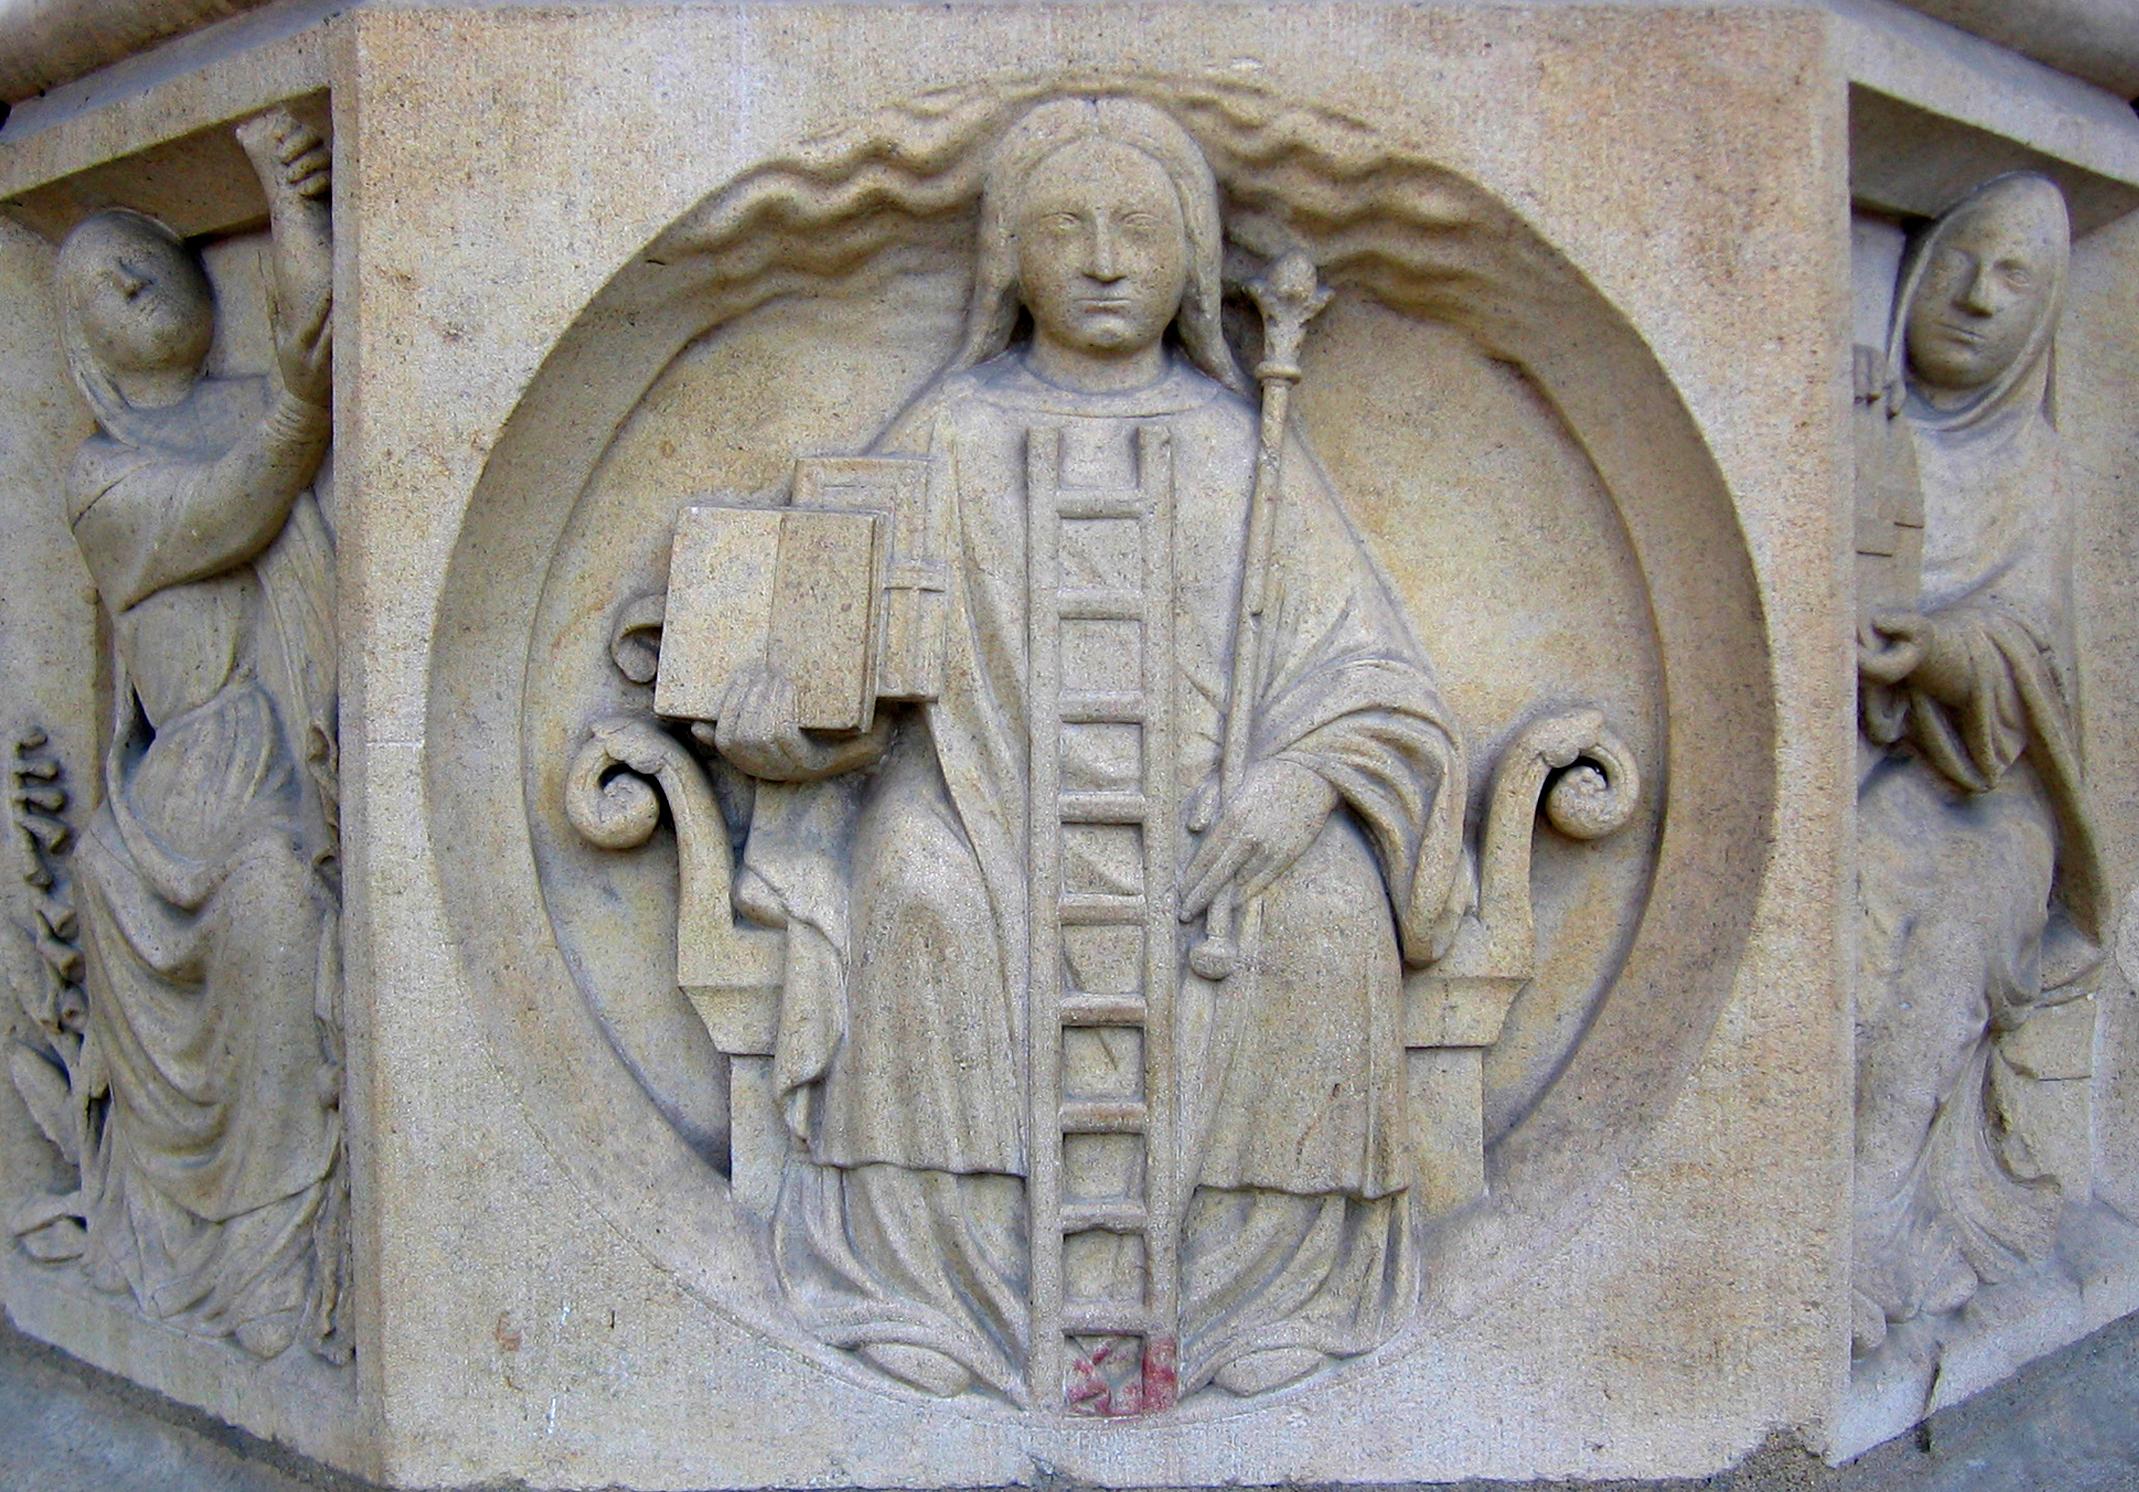 https://upload.wikimedia.org/wikipedia/commons/4/4b/Alegor%C3%ADa_de_la_alquimia_en_Notre-Dame.jpg